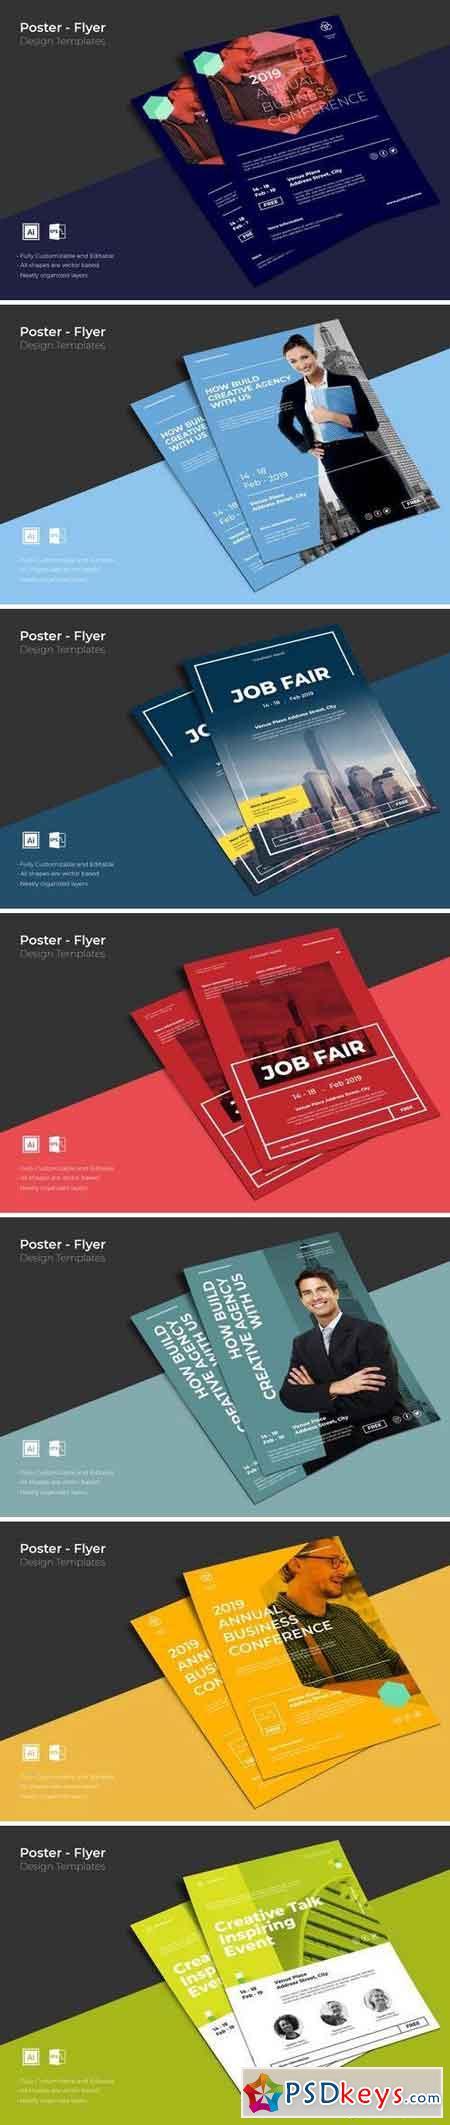 SRTP - Poster Design Bundle